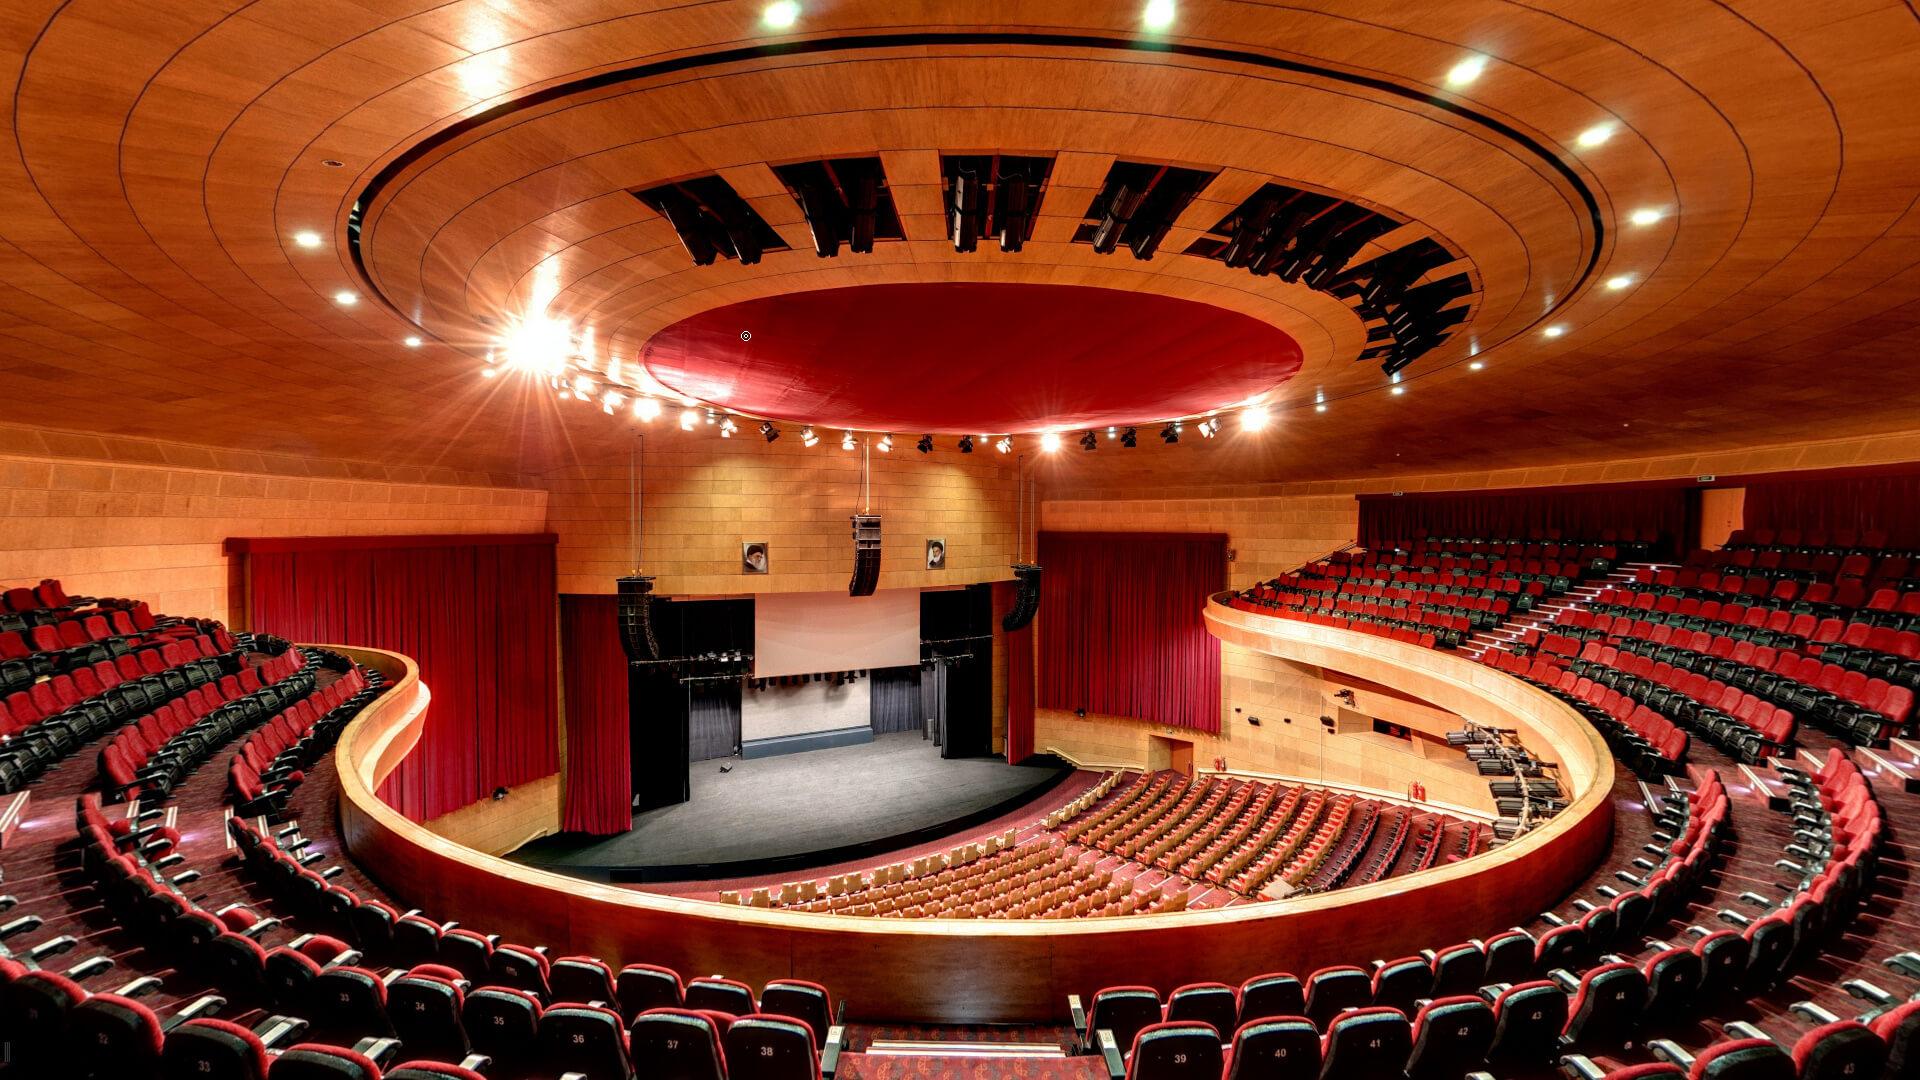 سالن مرکز همایش برج میلاد با ظرفیت 1650 نفر